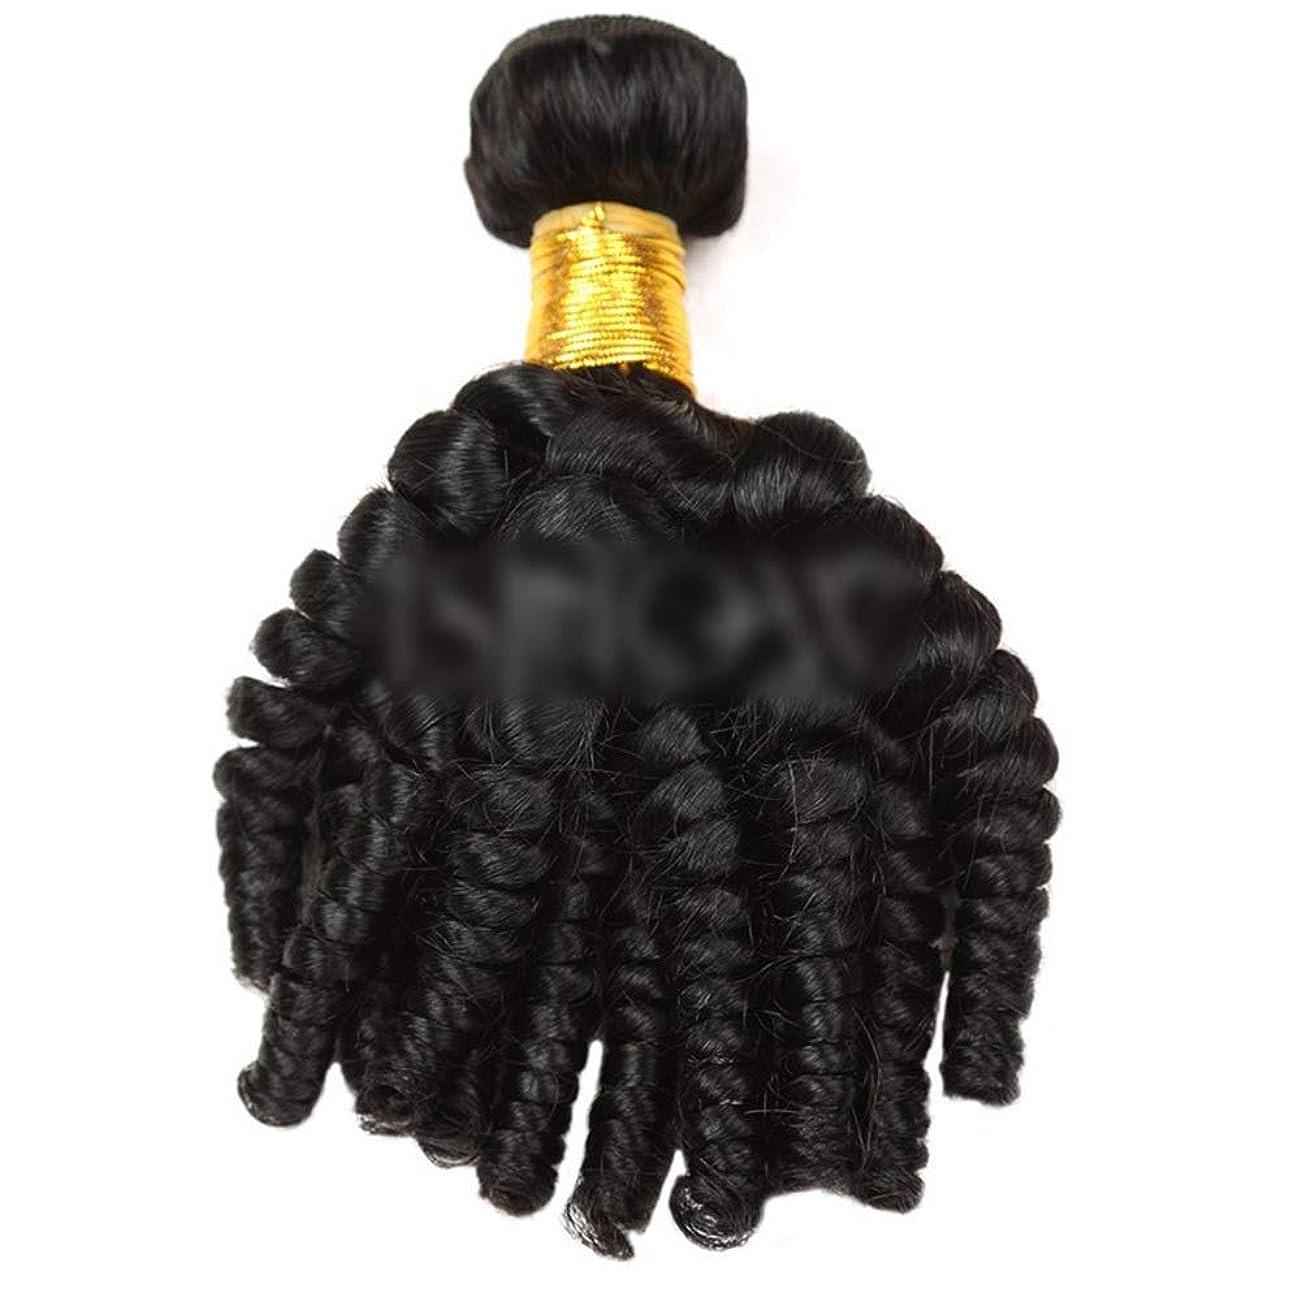 しみ意味する気づくBOBIDYEE Funmi巻き毛人間の髪の毛の束自然な黒髪エクステンション1バンドル髪横糸複合毛レースのかつらロールプレイングかつらロングとショートの女性自然 (色 : 黒, サイズ : 12 inch)